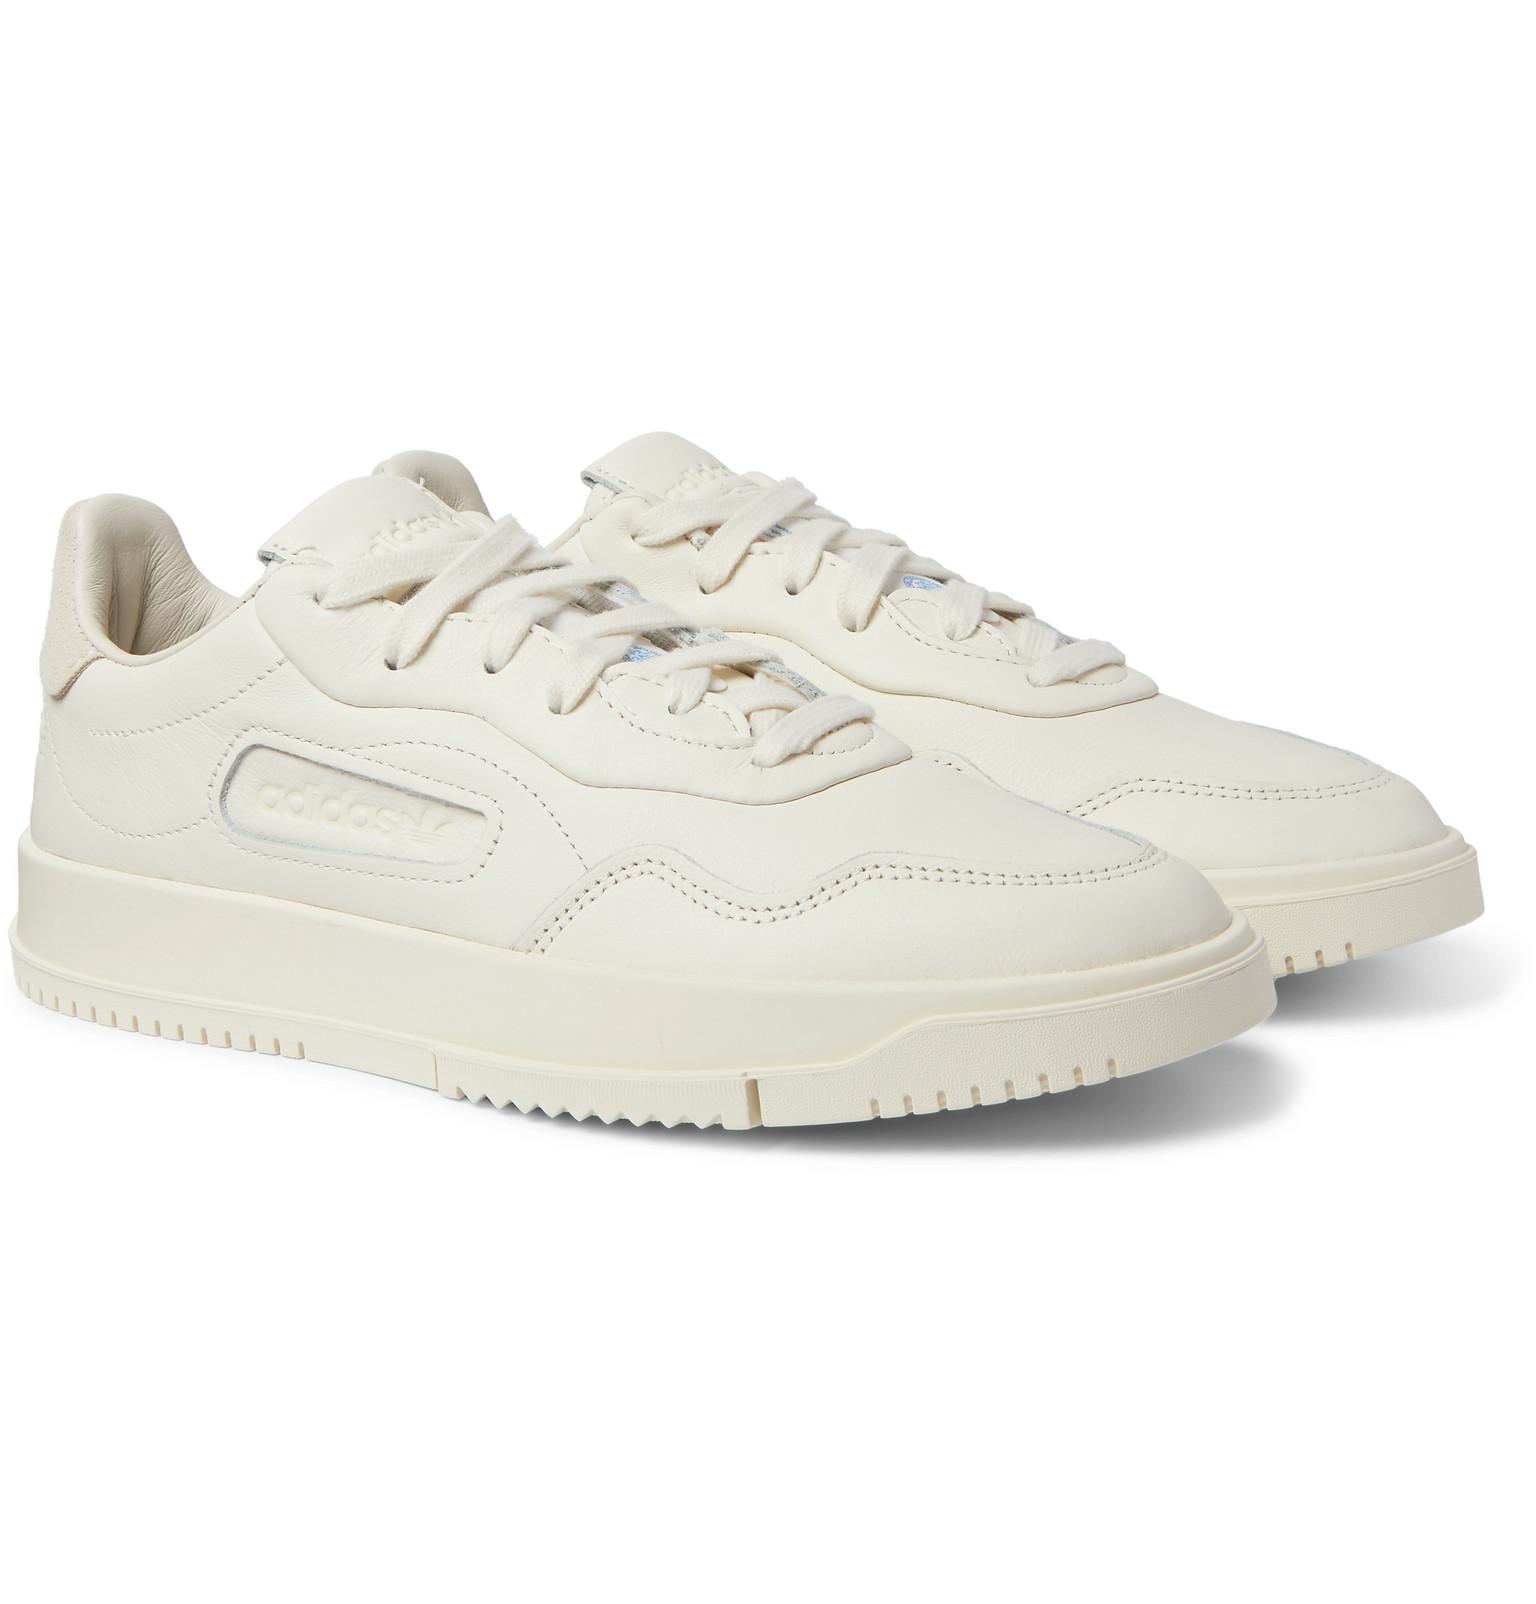 Die besten weißen Sneaker 2020: Adidas white sneakers II